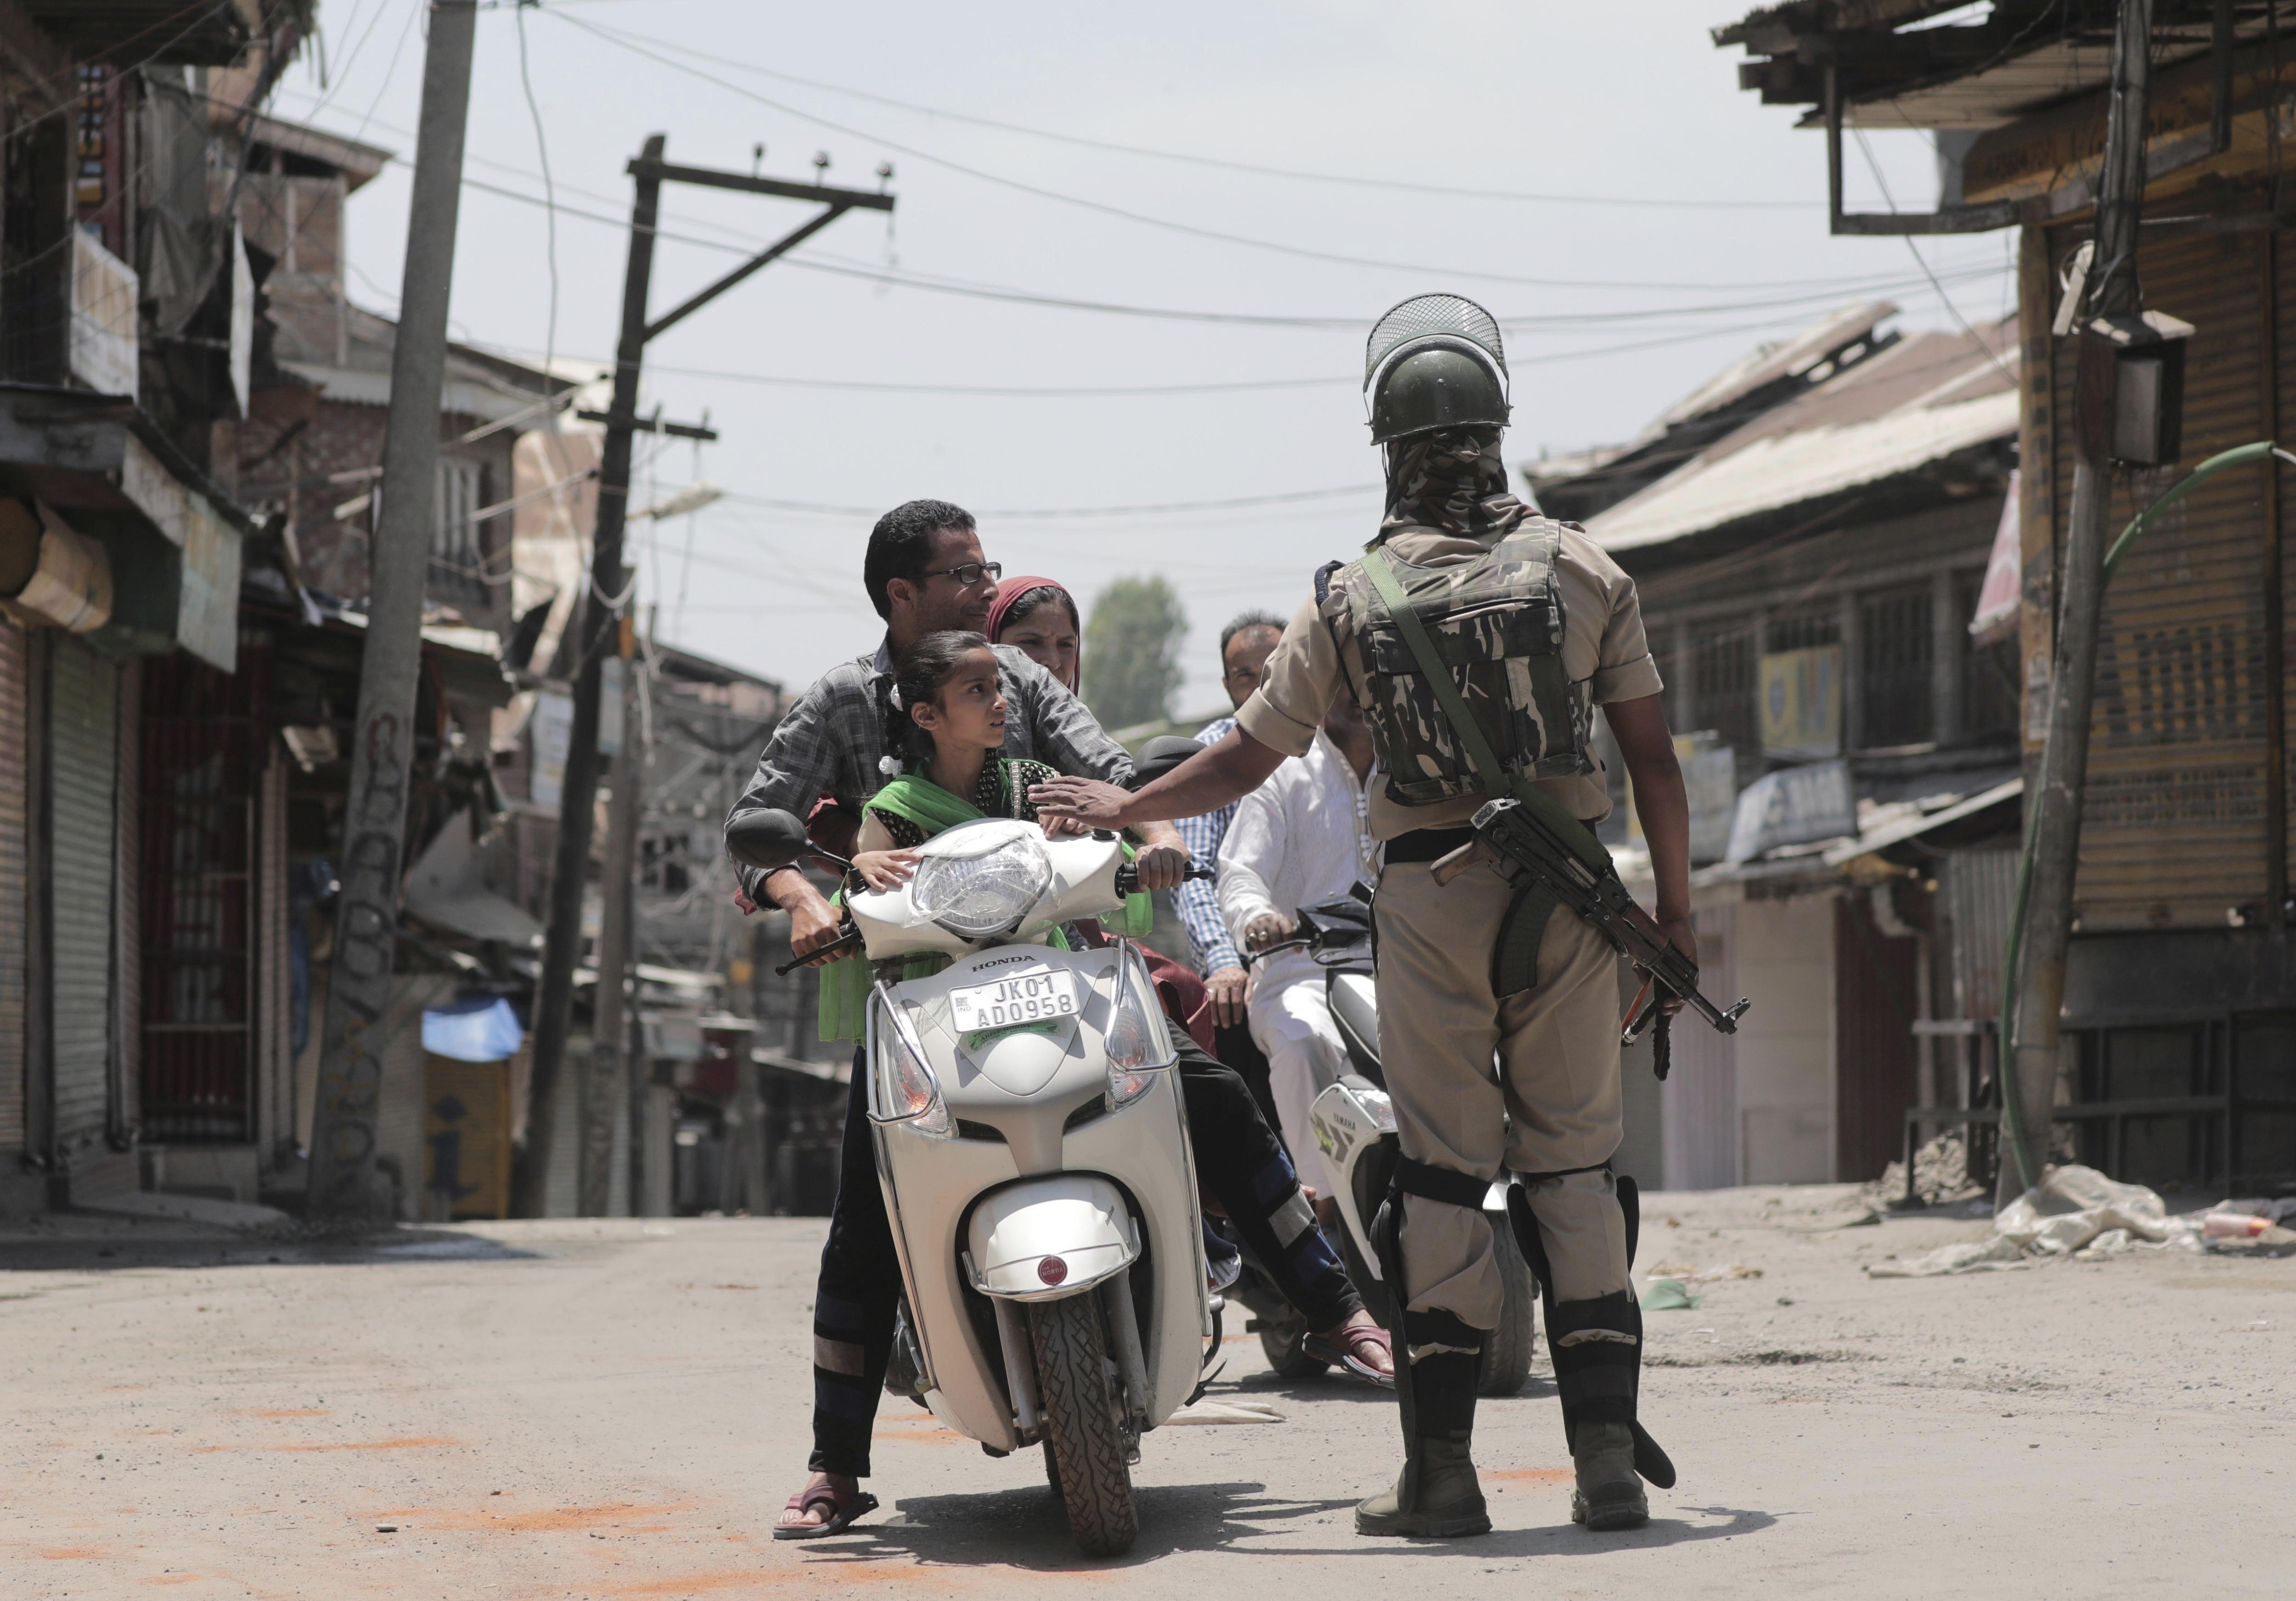 Un paramilitar indi atura una motocicleta durant un toc de queda al centre de Srinagar, Índia. /FAROOQ KHAN